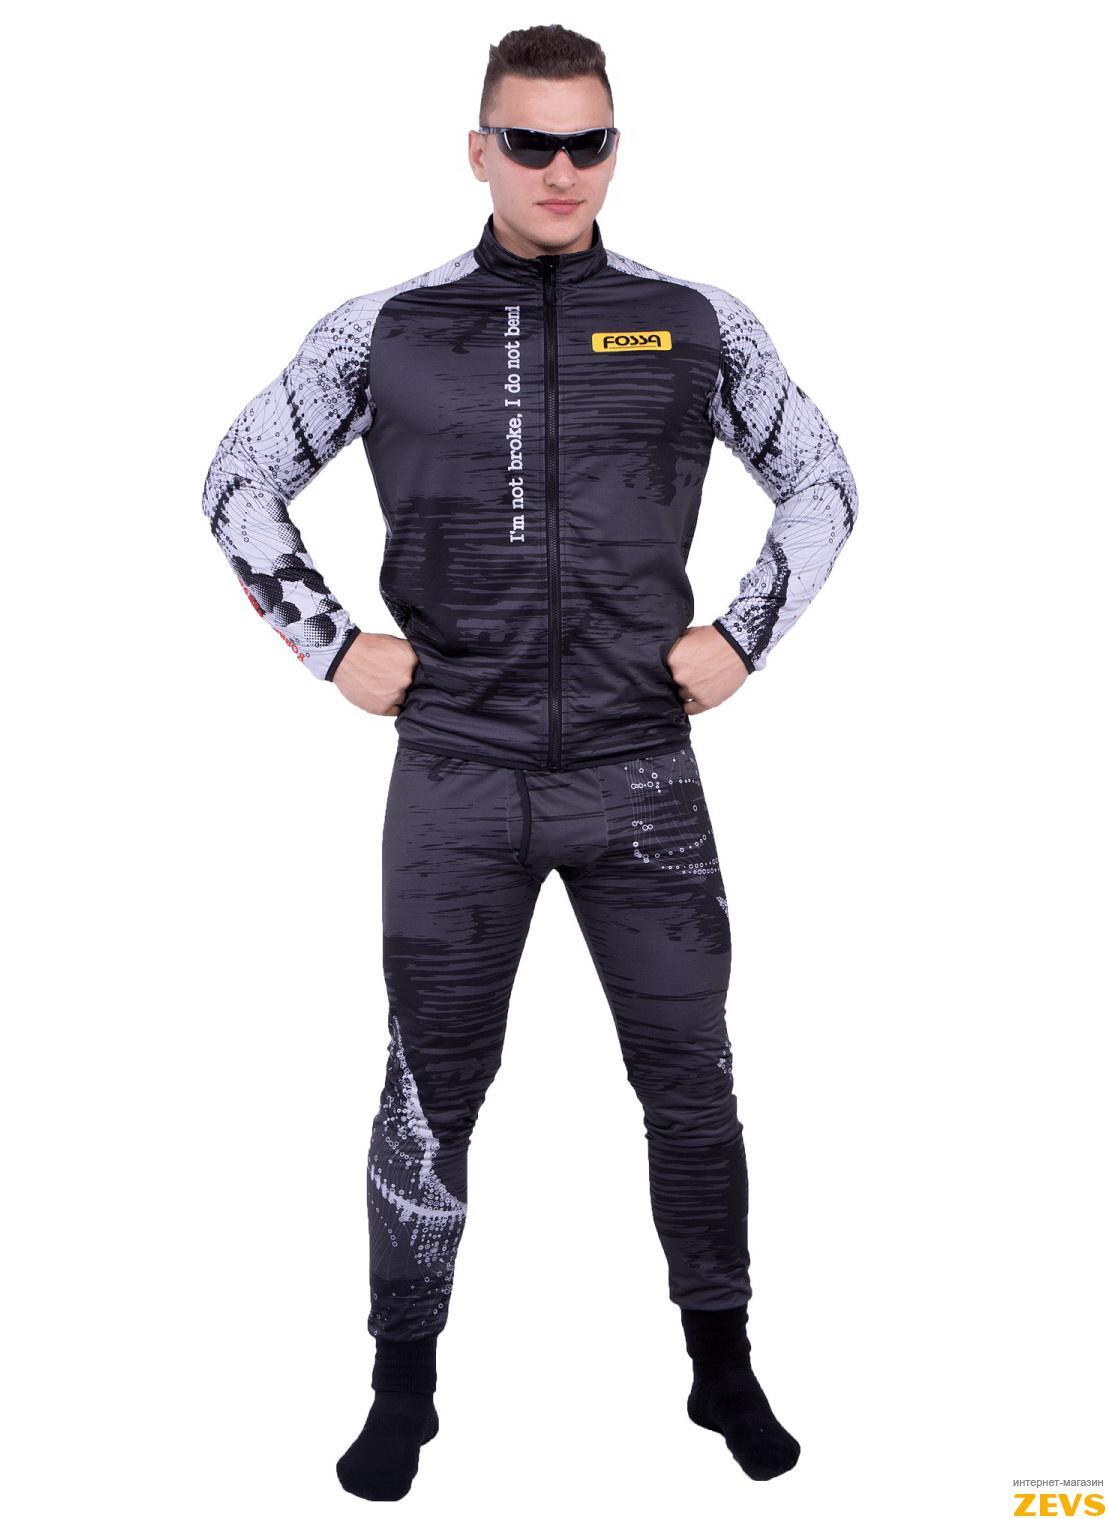 Мужской термокостюм из флиса SOFT, Fossa купить в интернет магазине 0fe1a0a1023